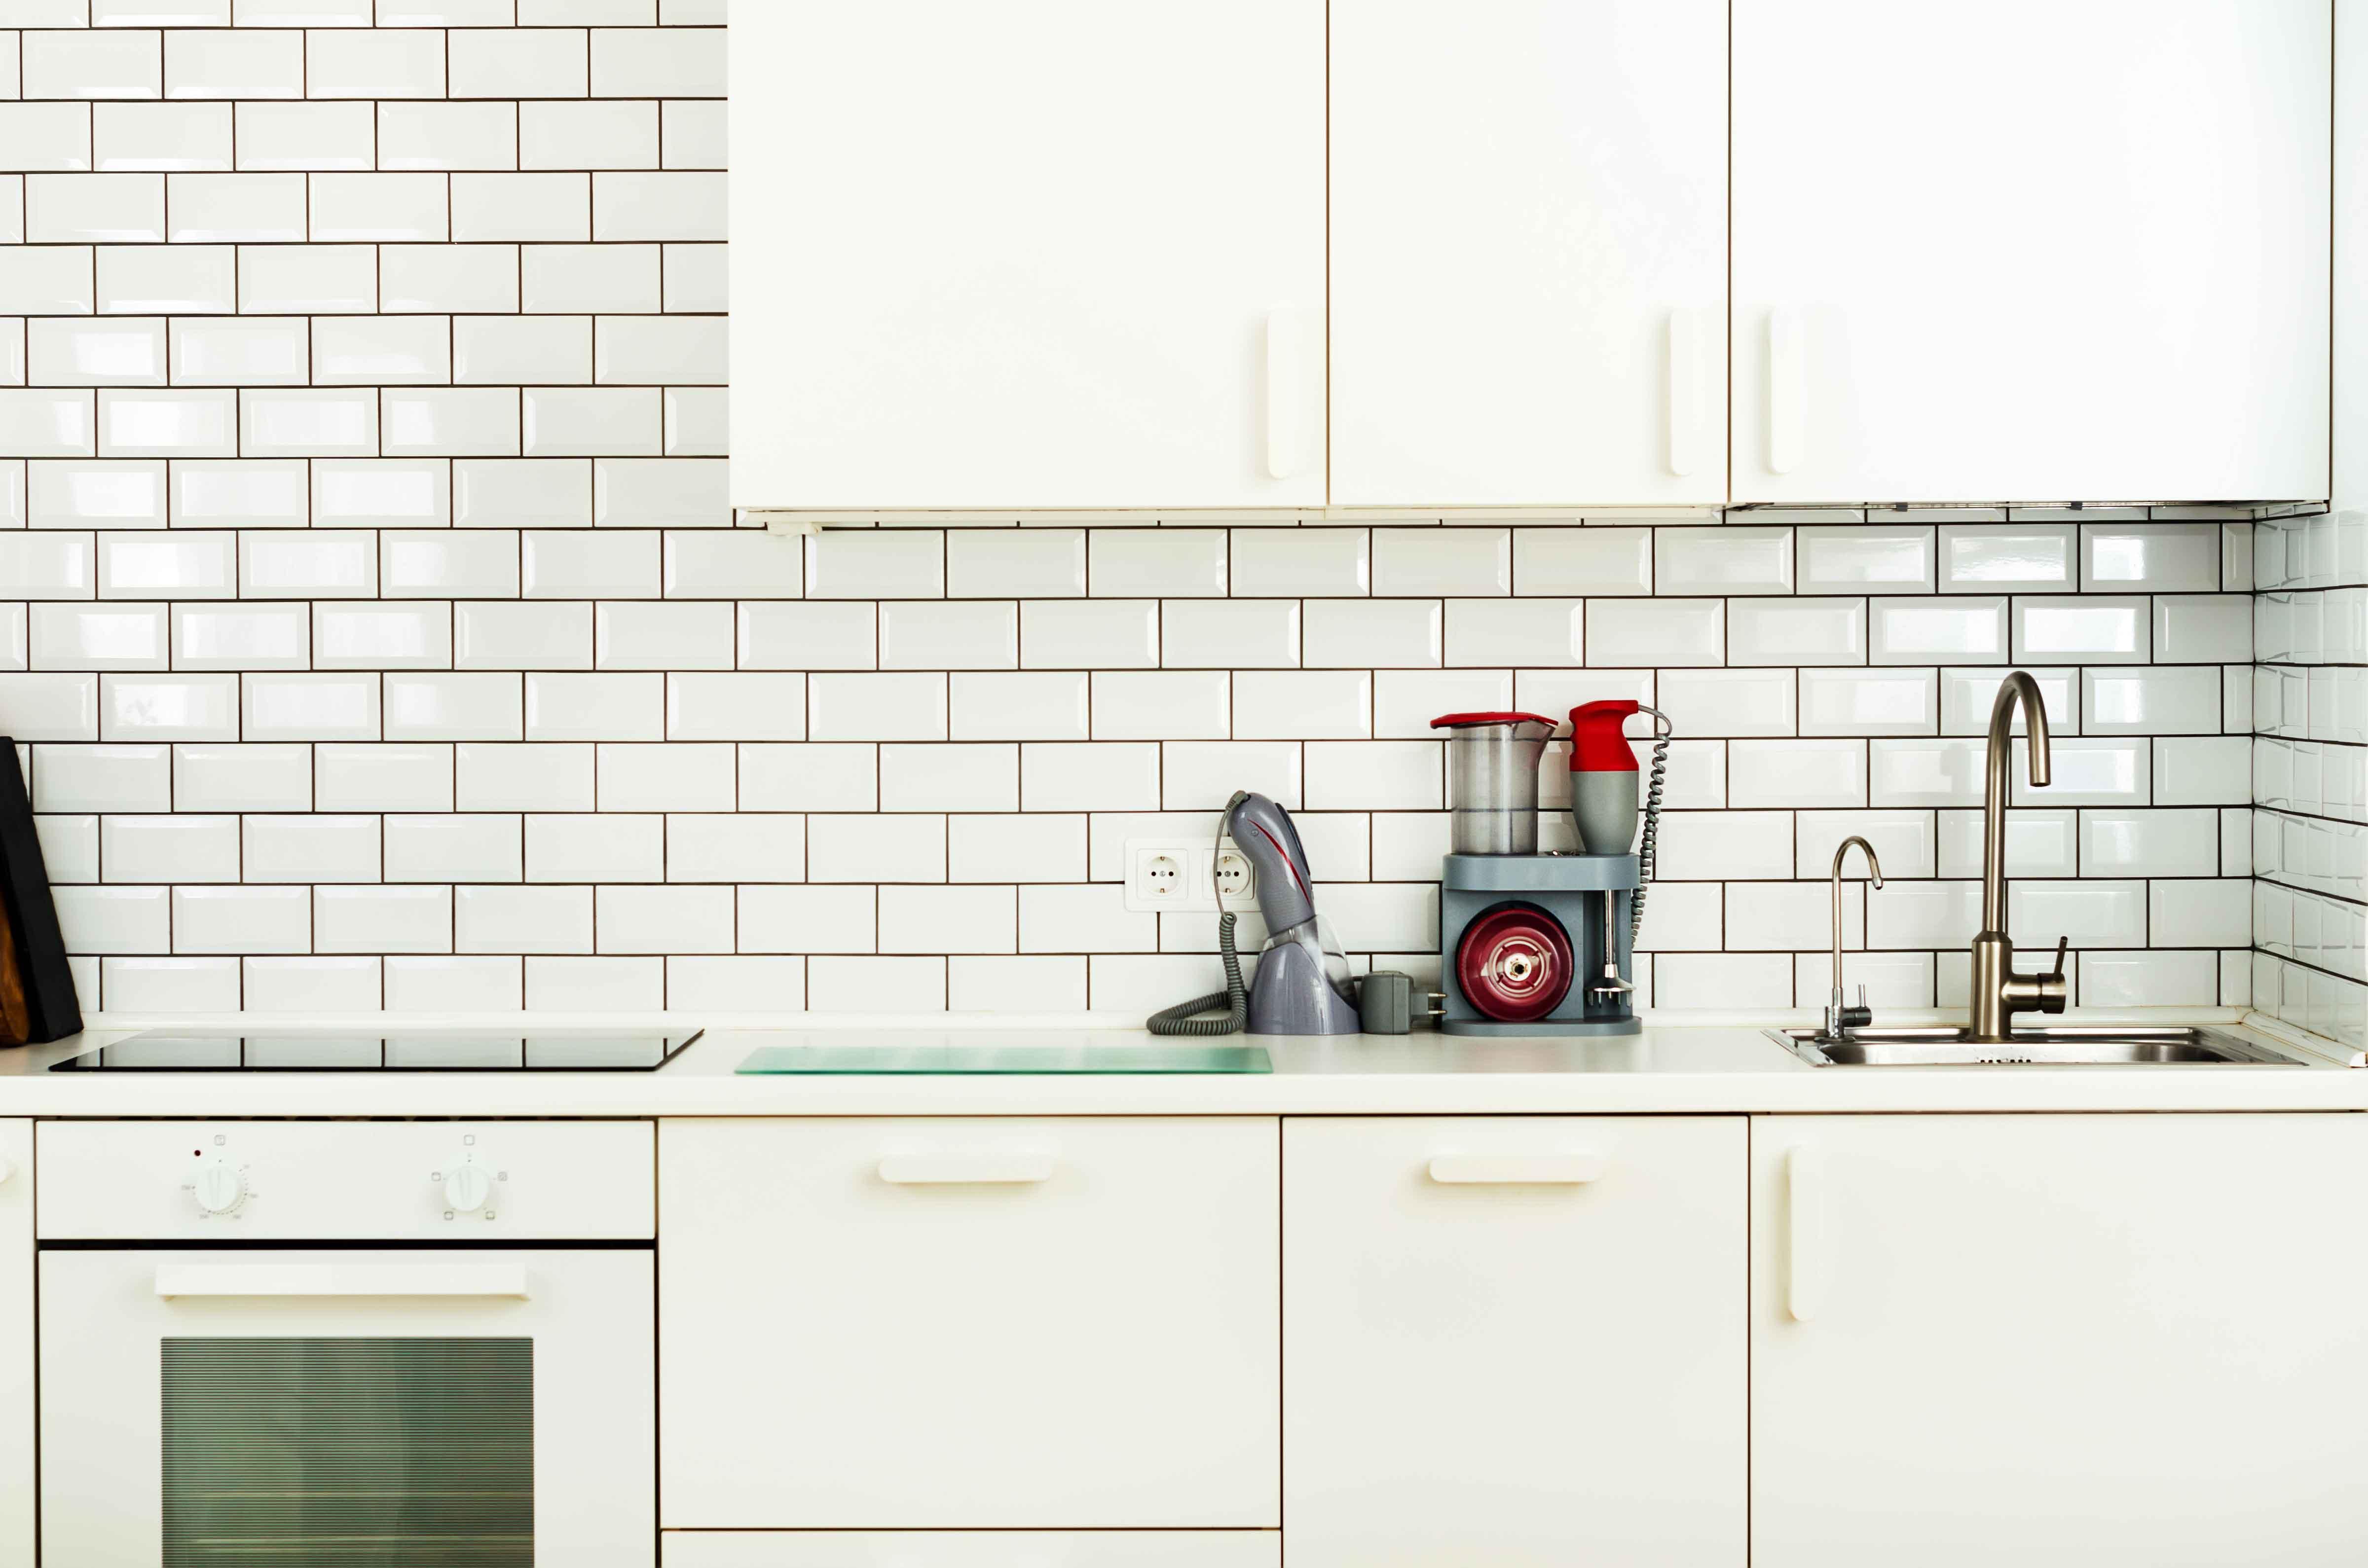 white minimalistic kitchen interior and design L7UW6QW